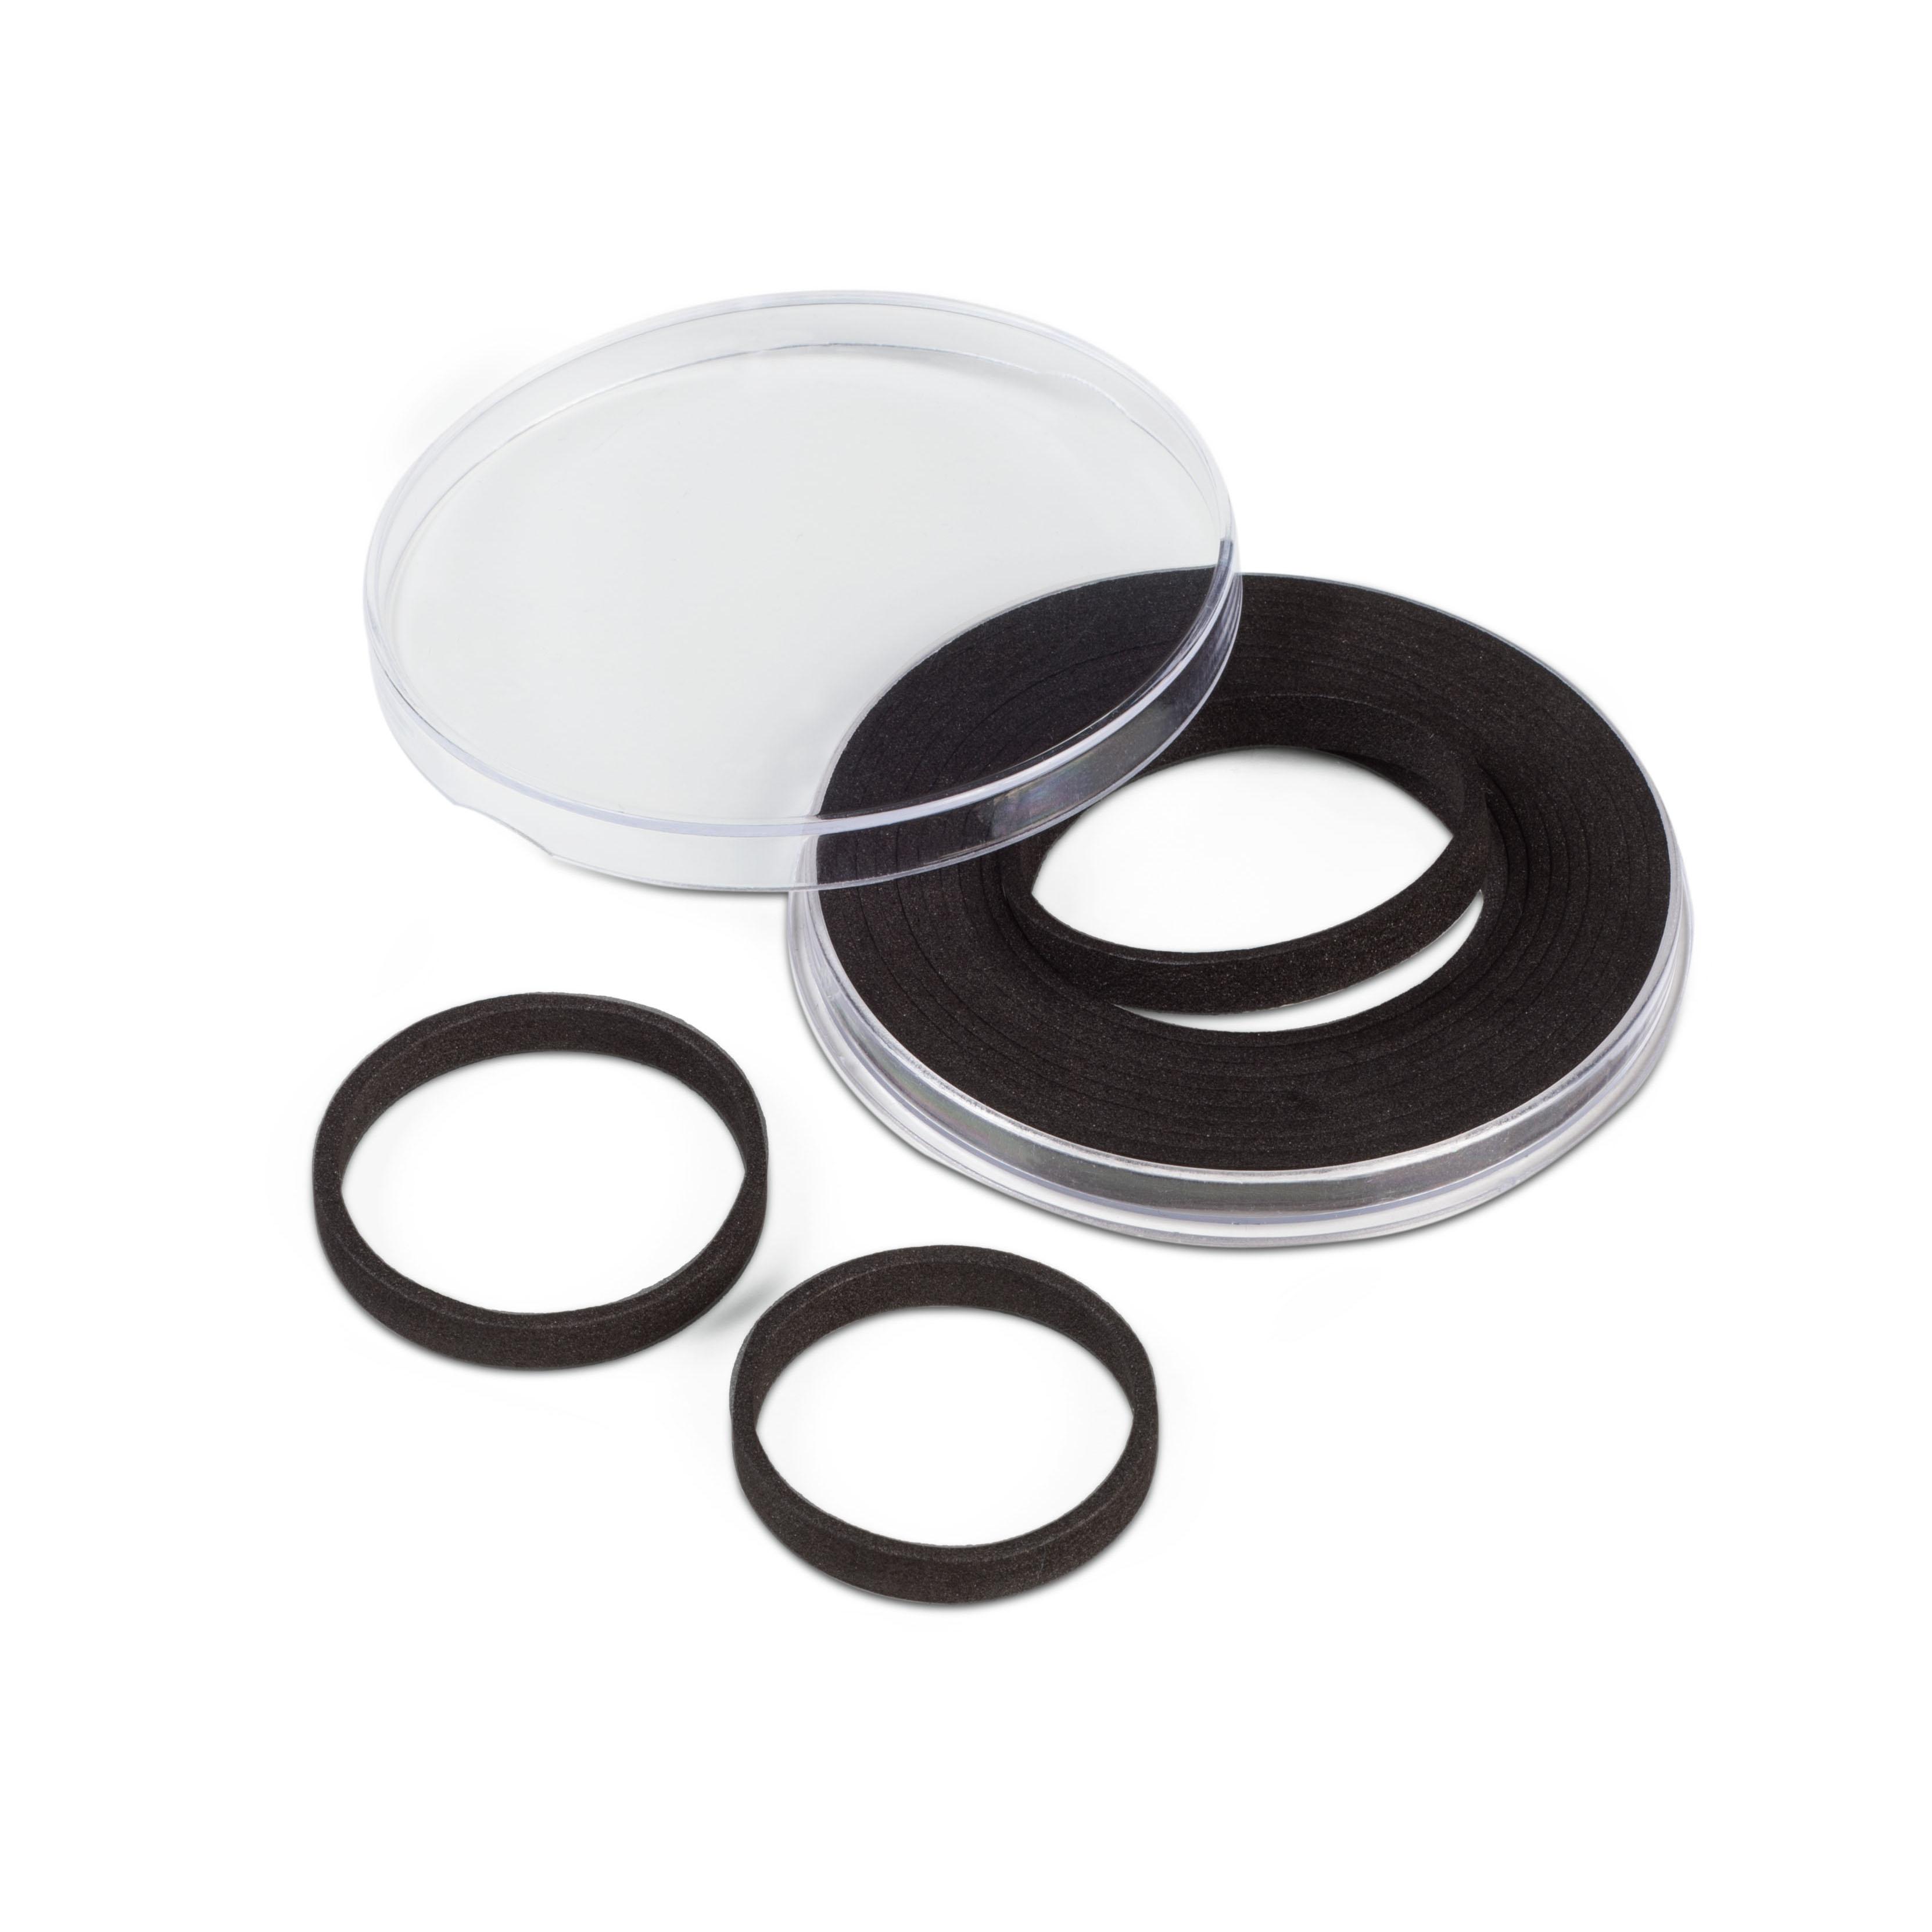 Runde myntkapsler med fleksibel indre diameter fra 29-76 mm